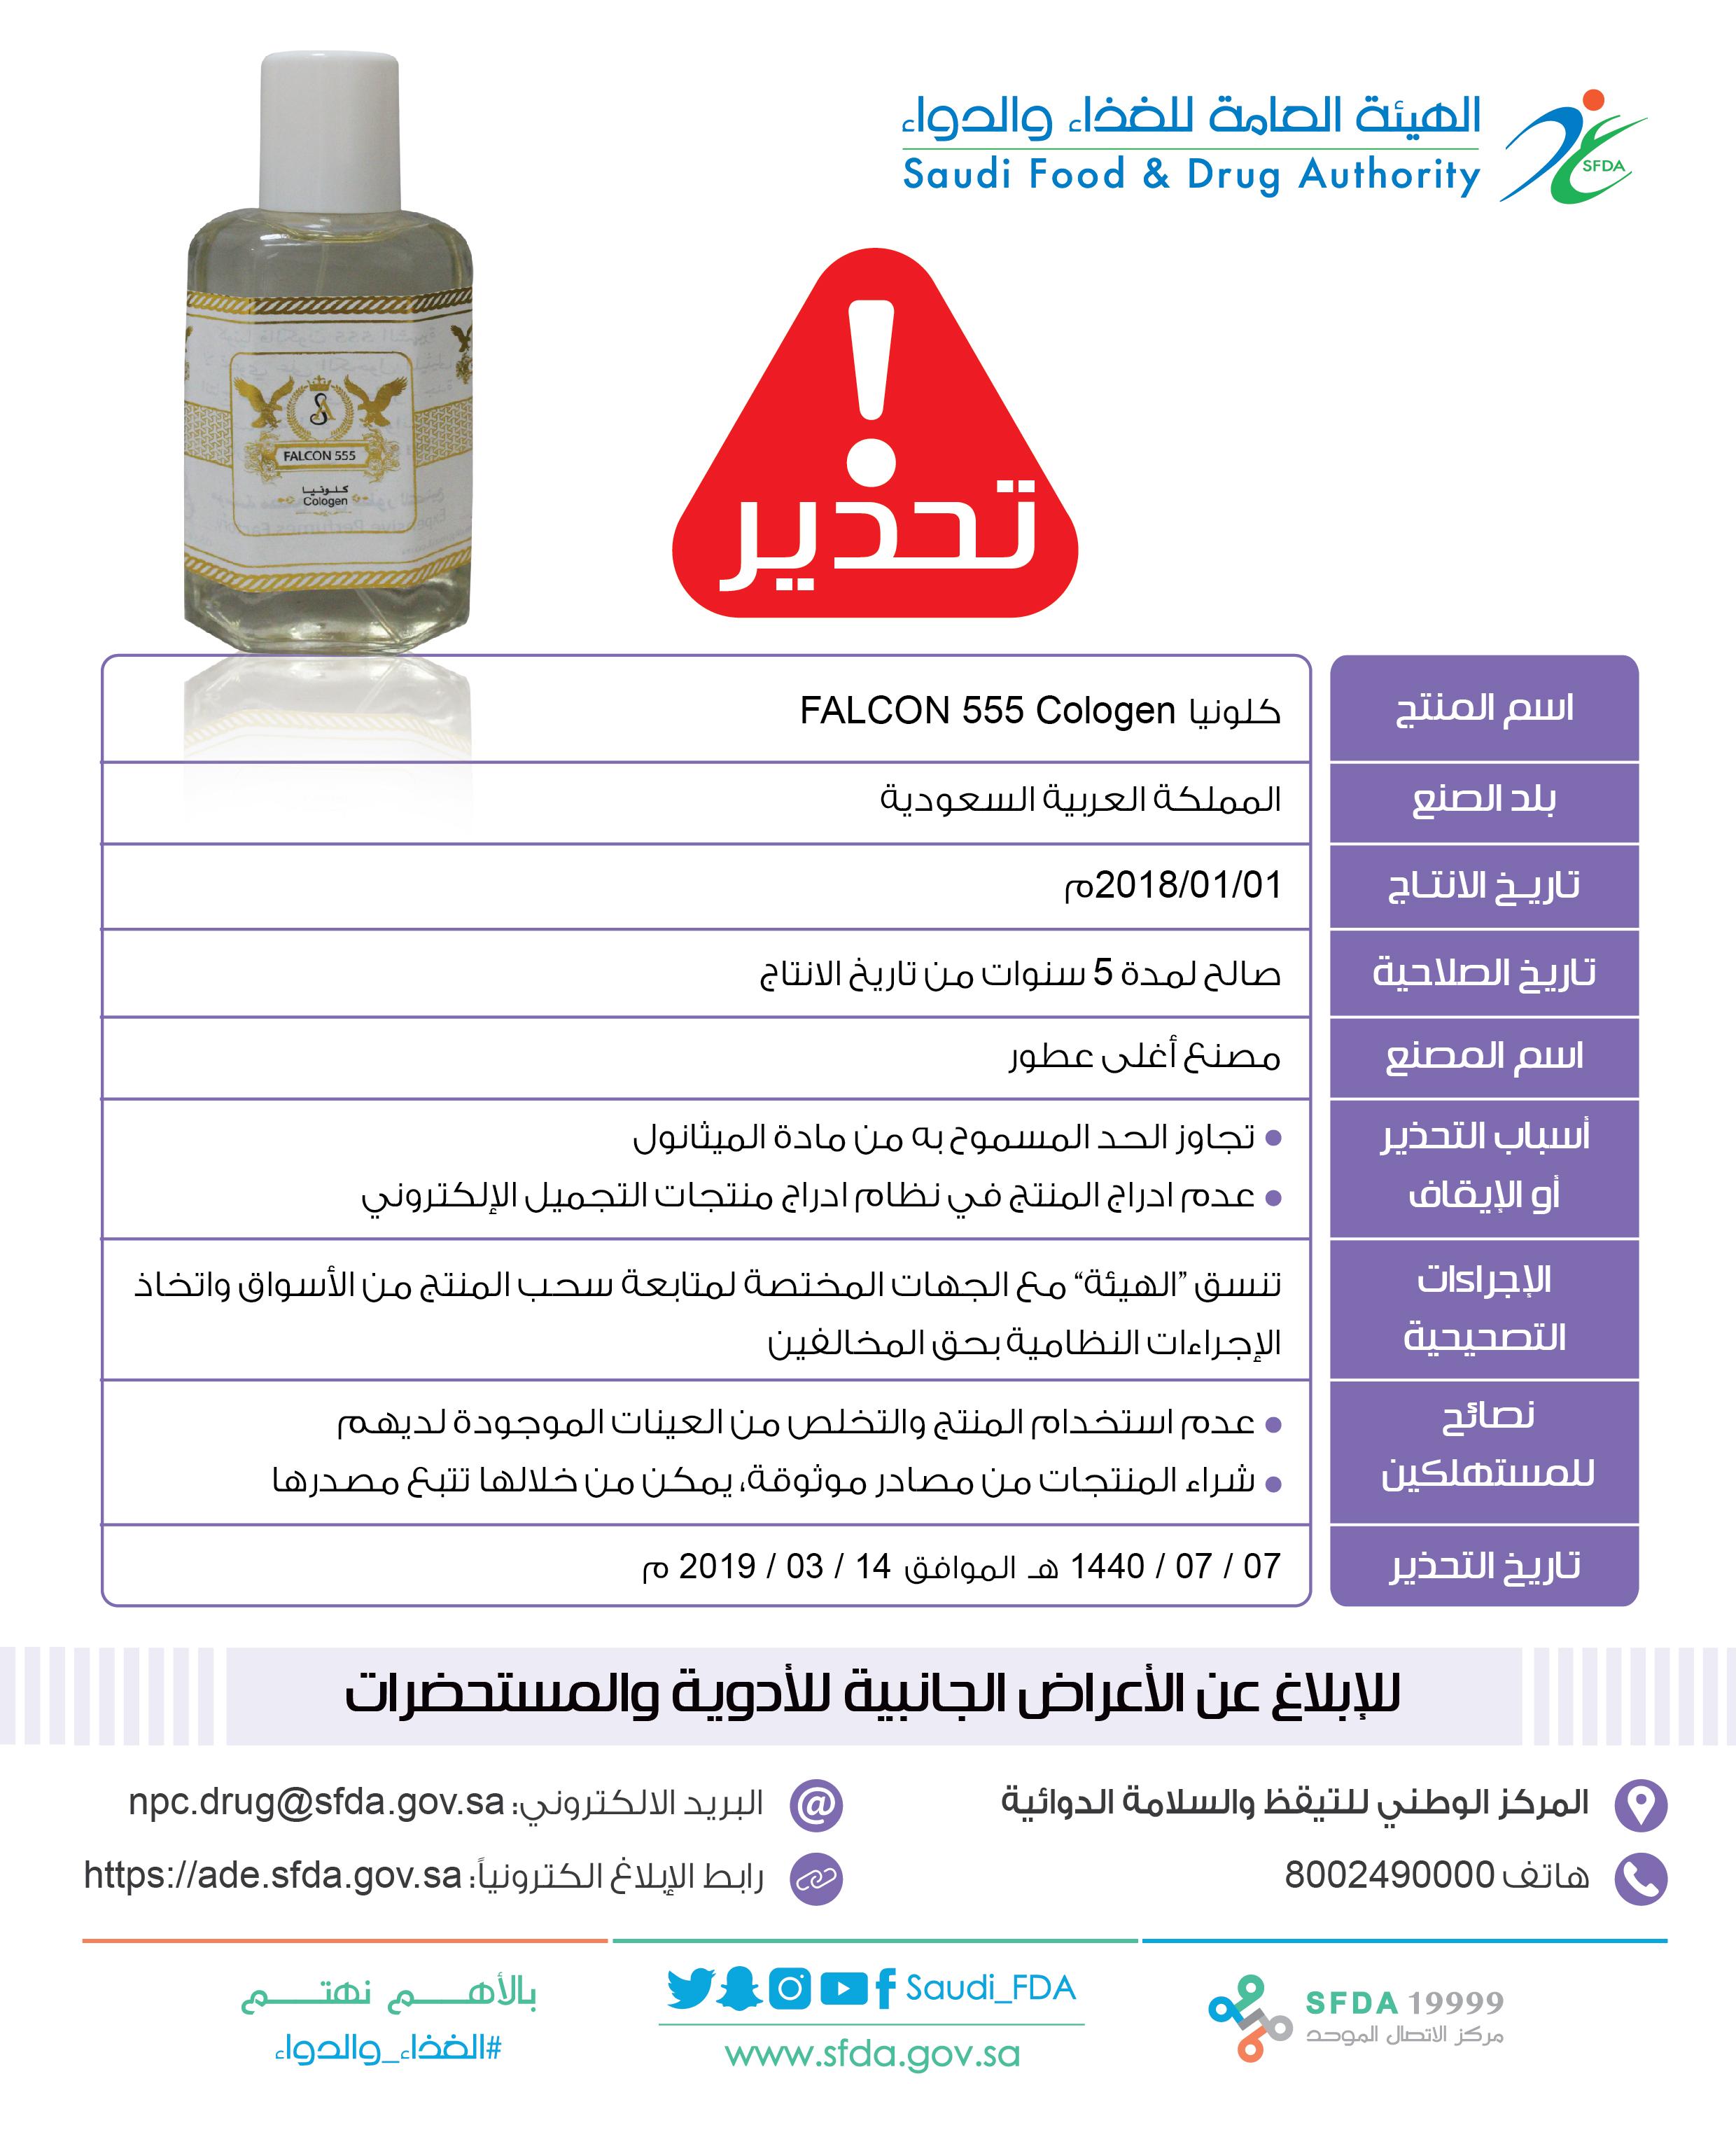 """""""الغرف السعودية"""" تنظم مؤتمرًا وزاريًا حول الفرص الاستثمارية في حائل"""